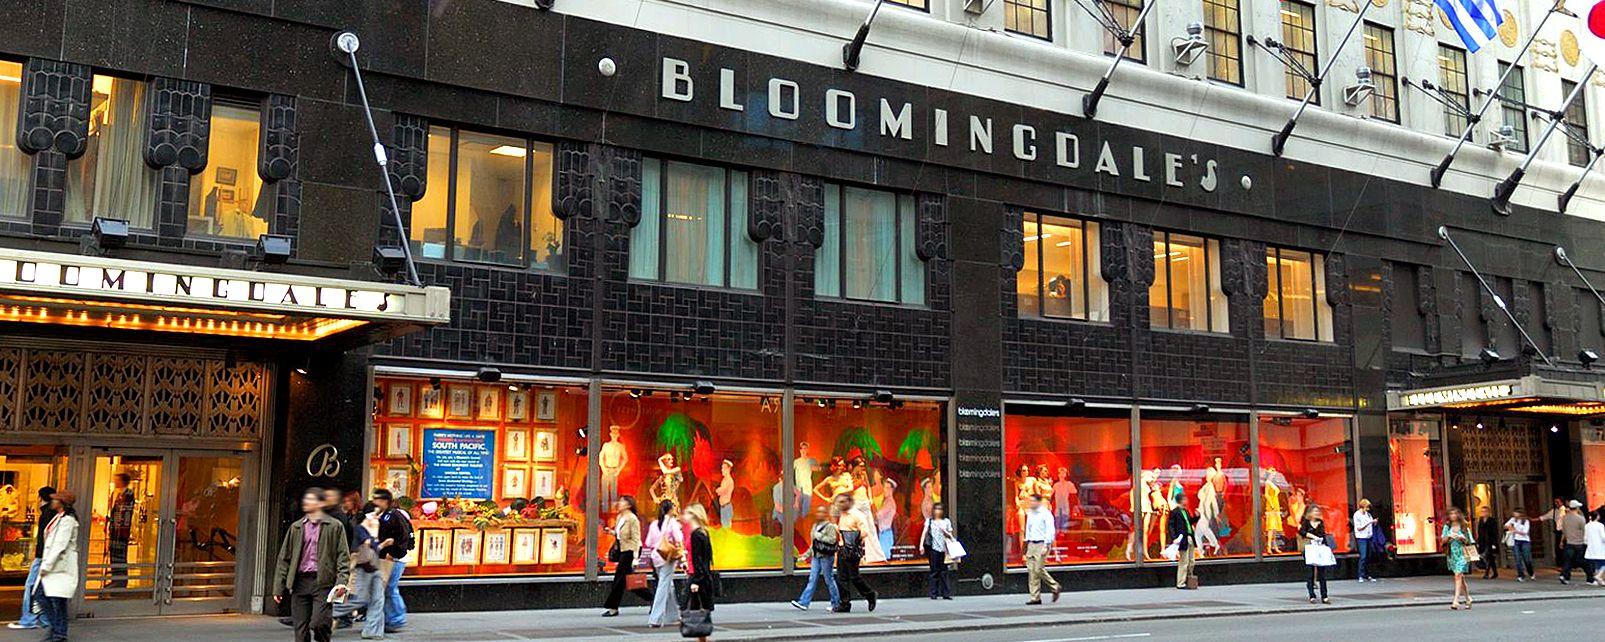 Bloomingdale's , Bloomingdales , United States of America